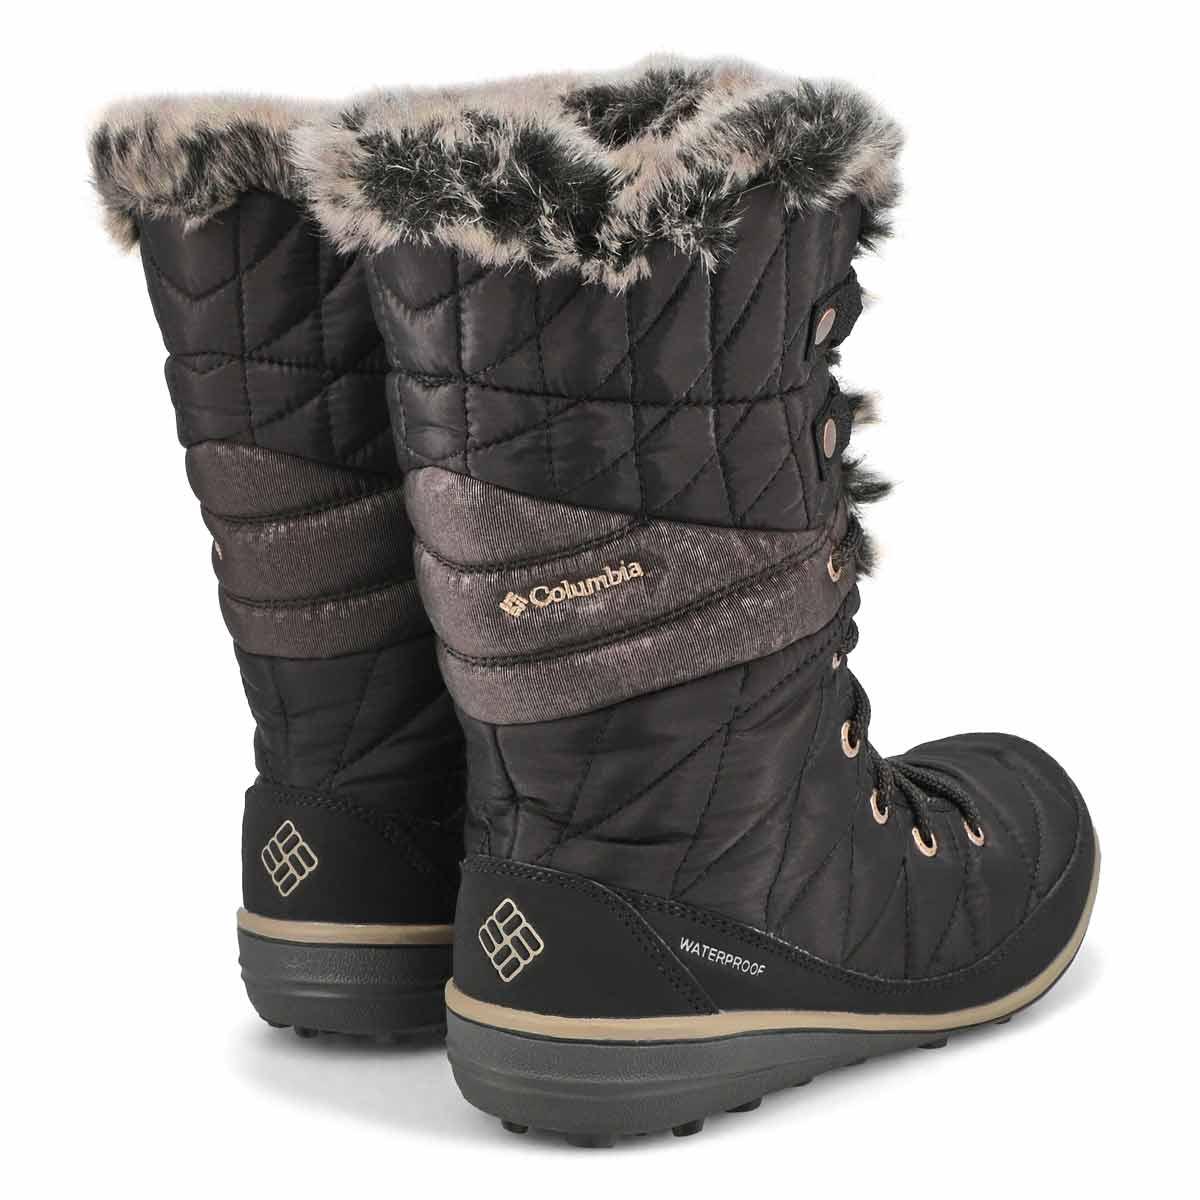 Women's Heavenly OmniHeat Snow Boot - Black